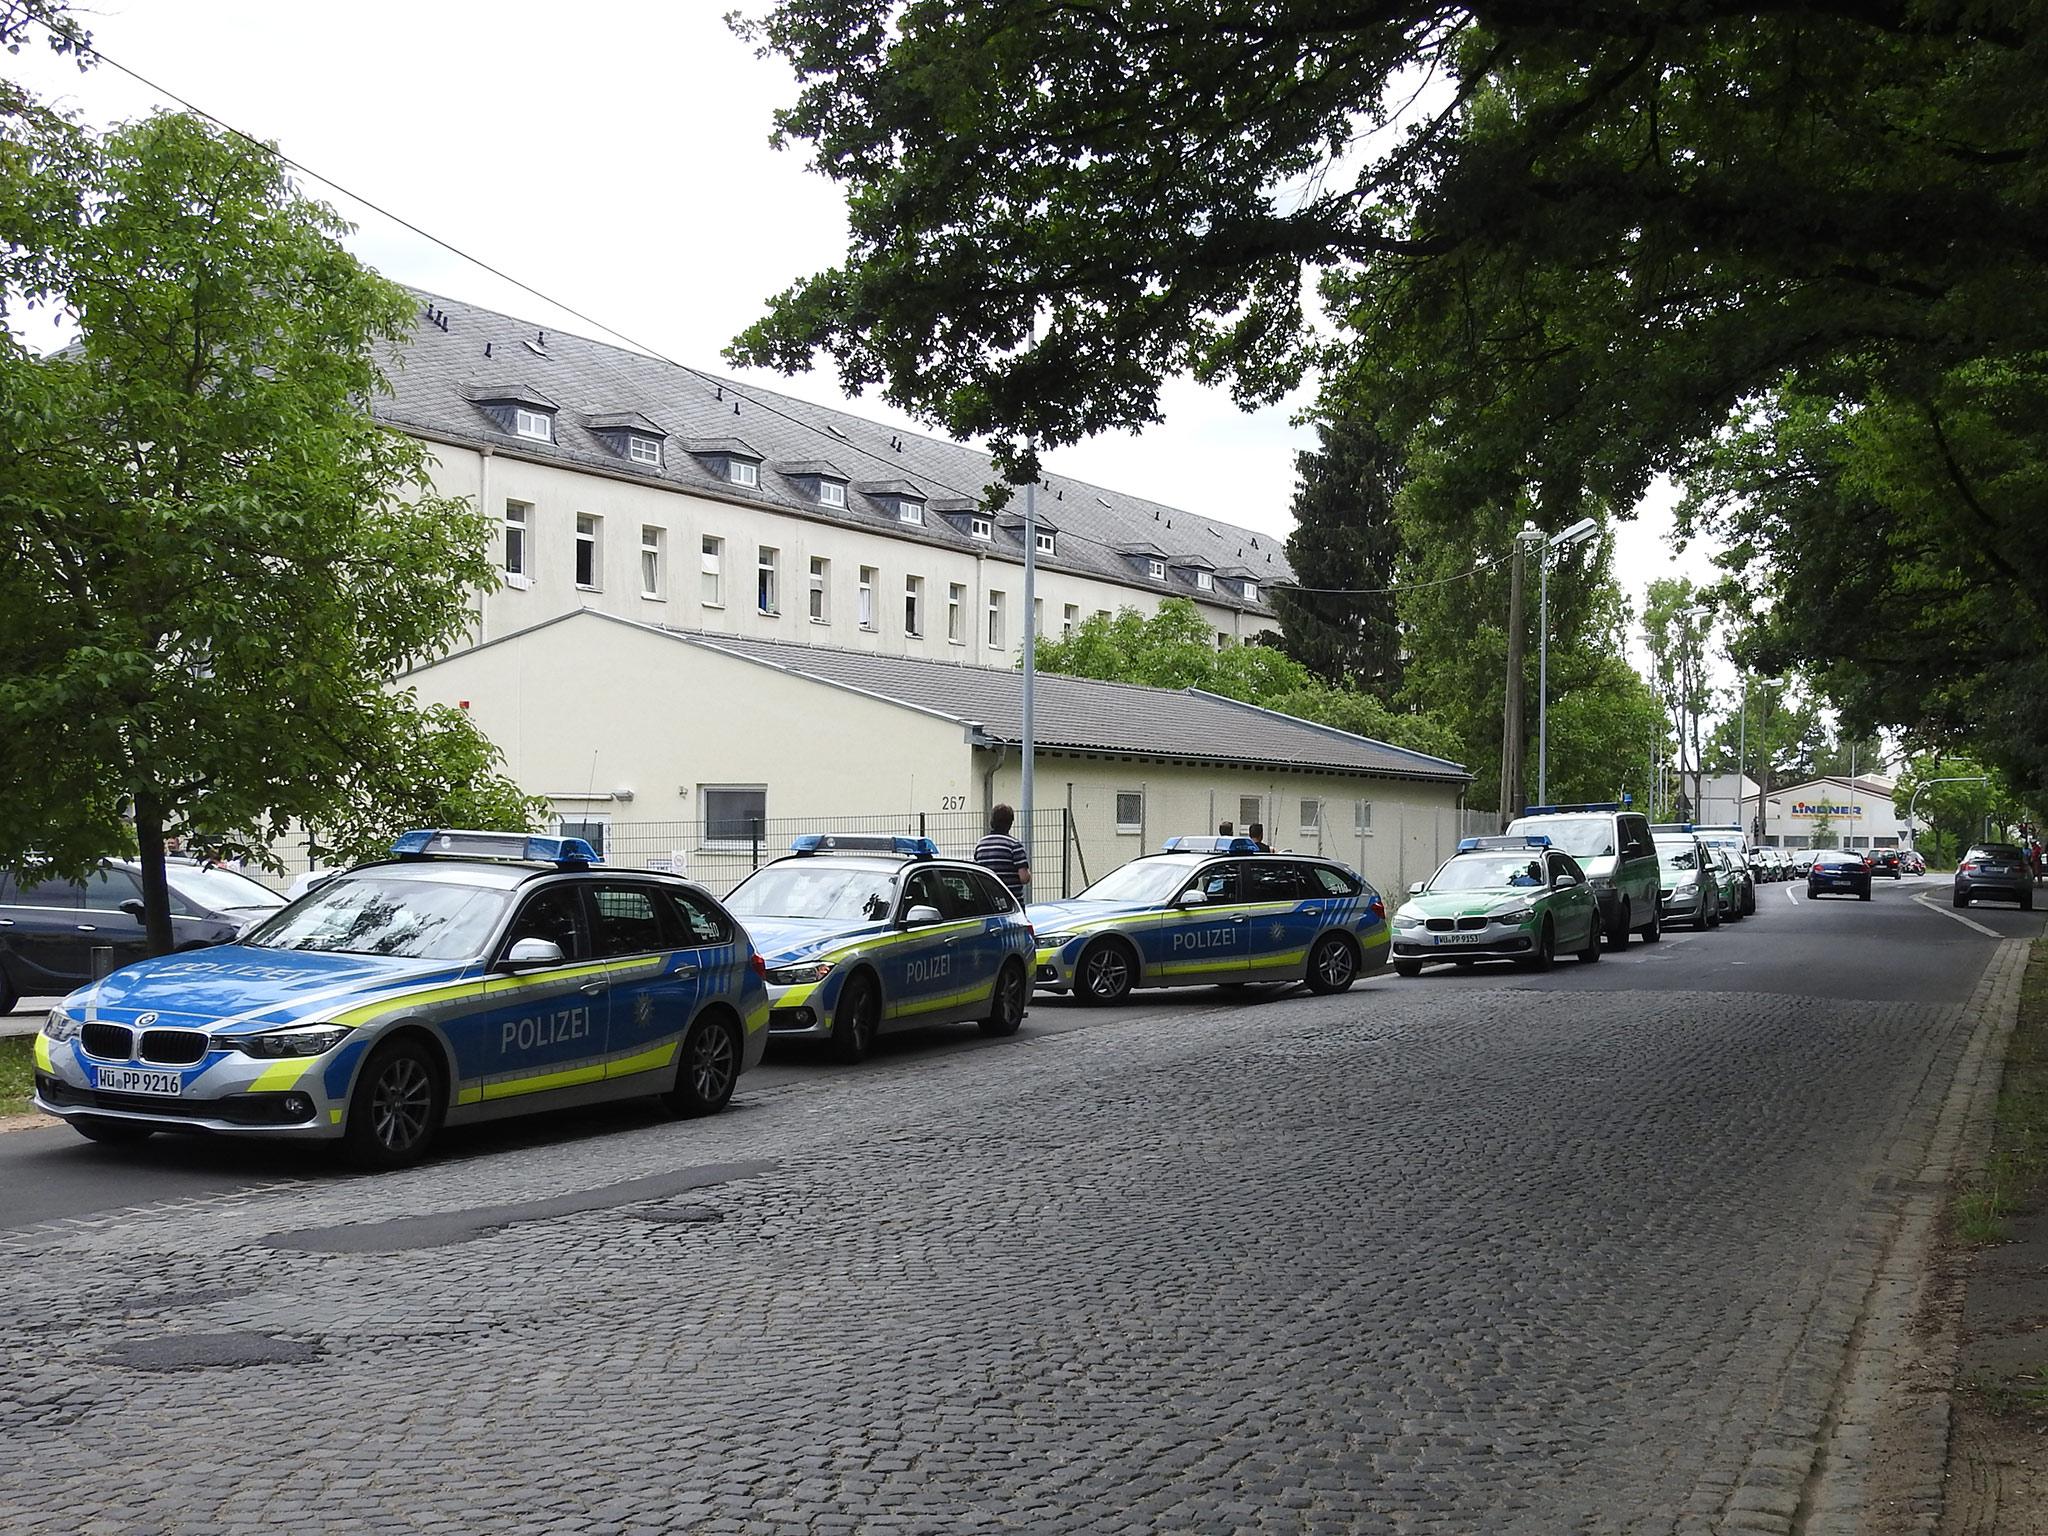 Die Schweinfurter Polizei forderte daraufhin Unterstützung von umliegenden Dienststellen an. Auch Einsatzkräfte aus der Bereitschaftspolizei sowie der Rettungsdienst waren mit starken Kräften vor Ort. Foto: Dirk Flieger